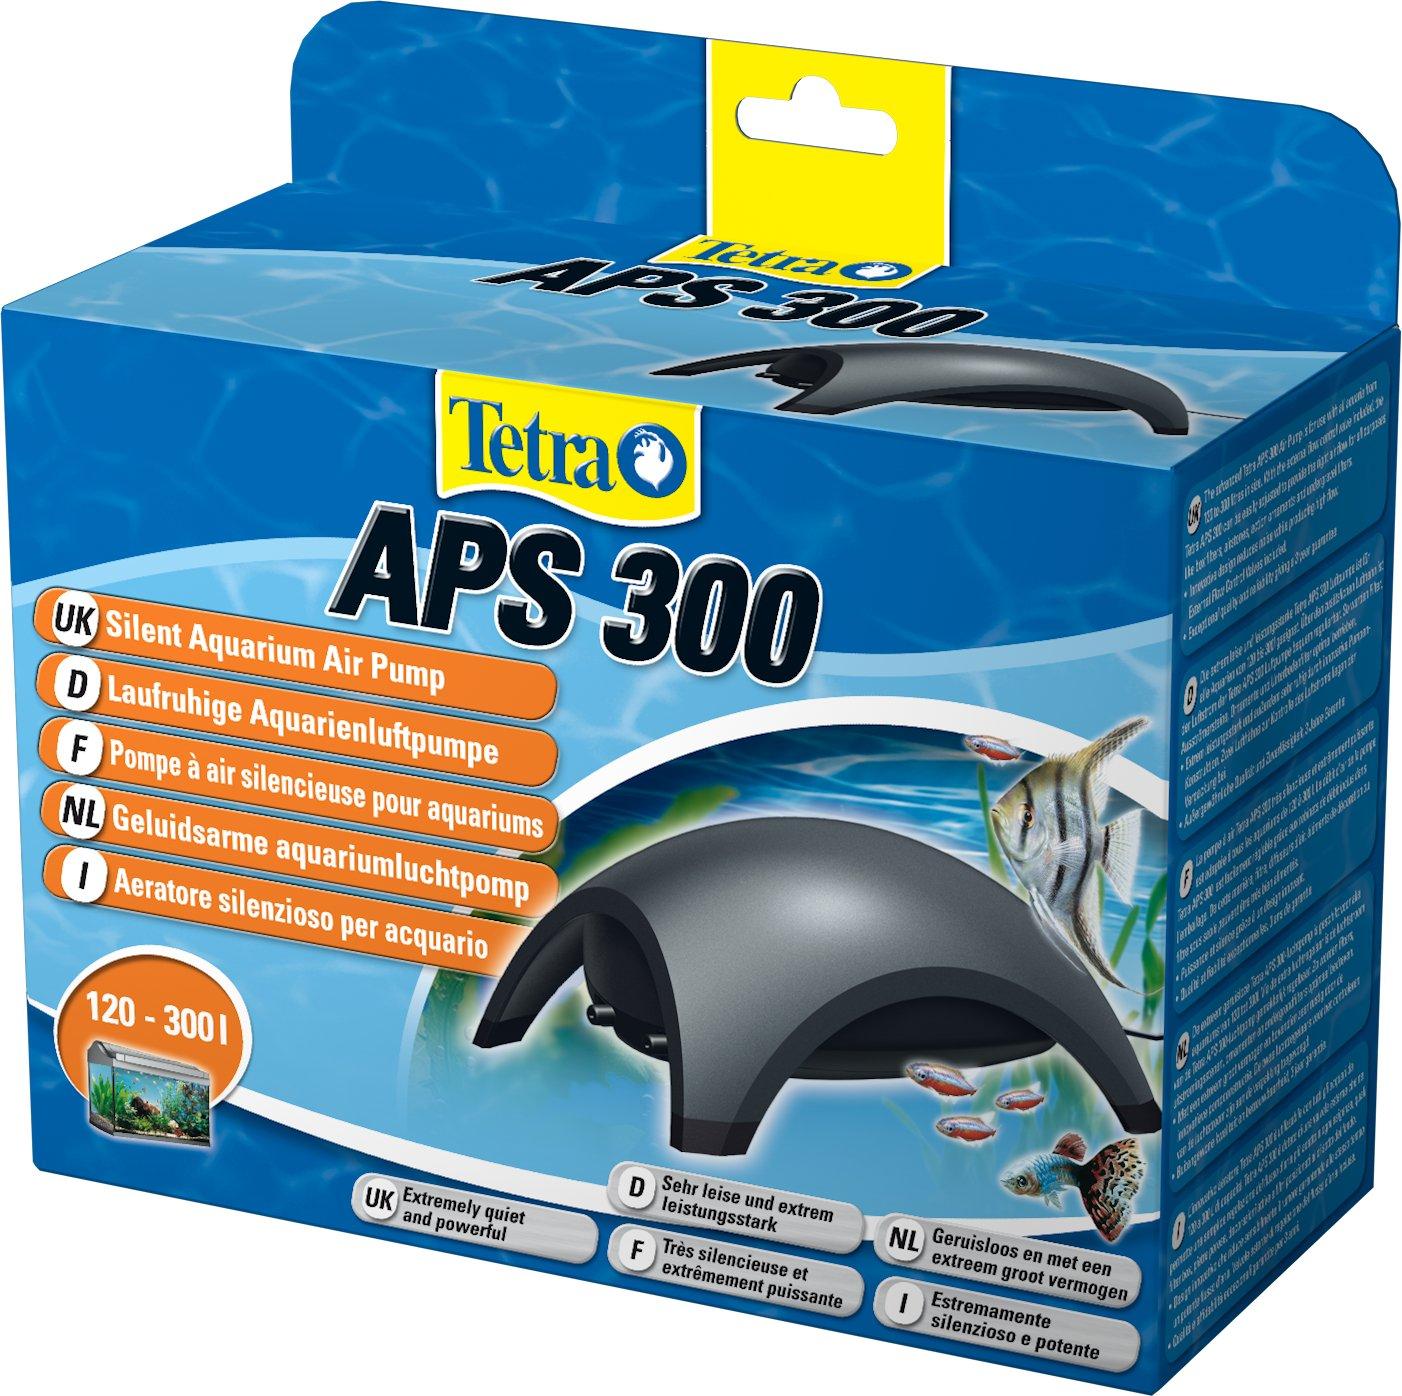 Shop TetraTec APS 300